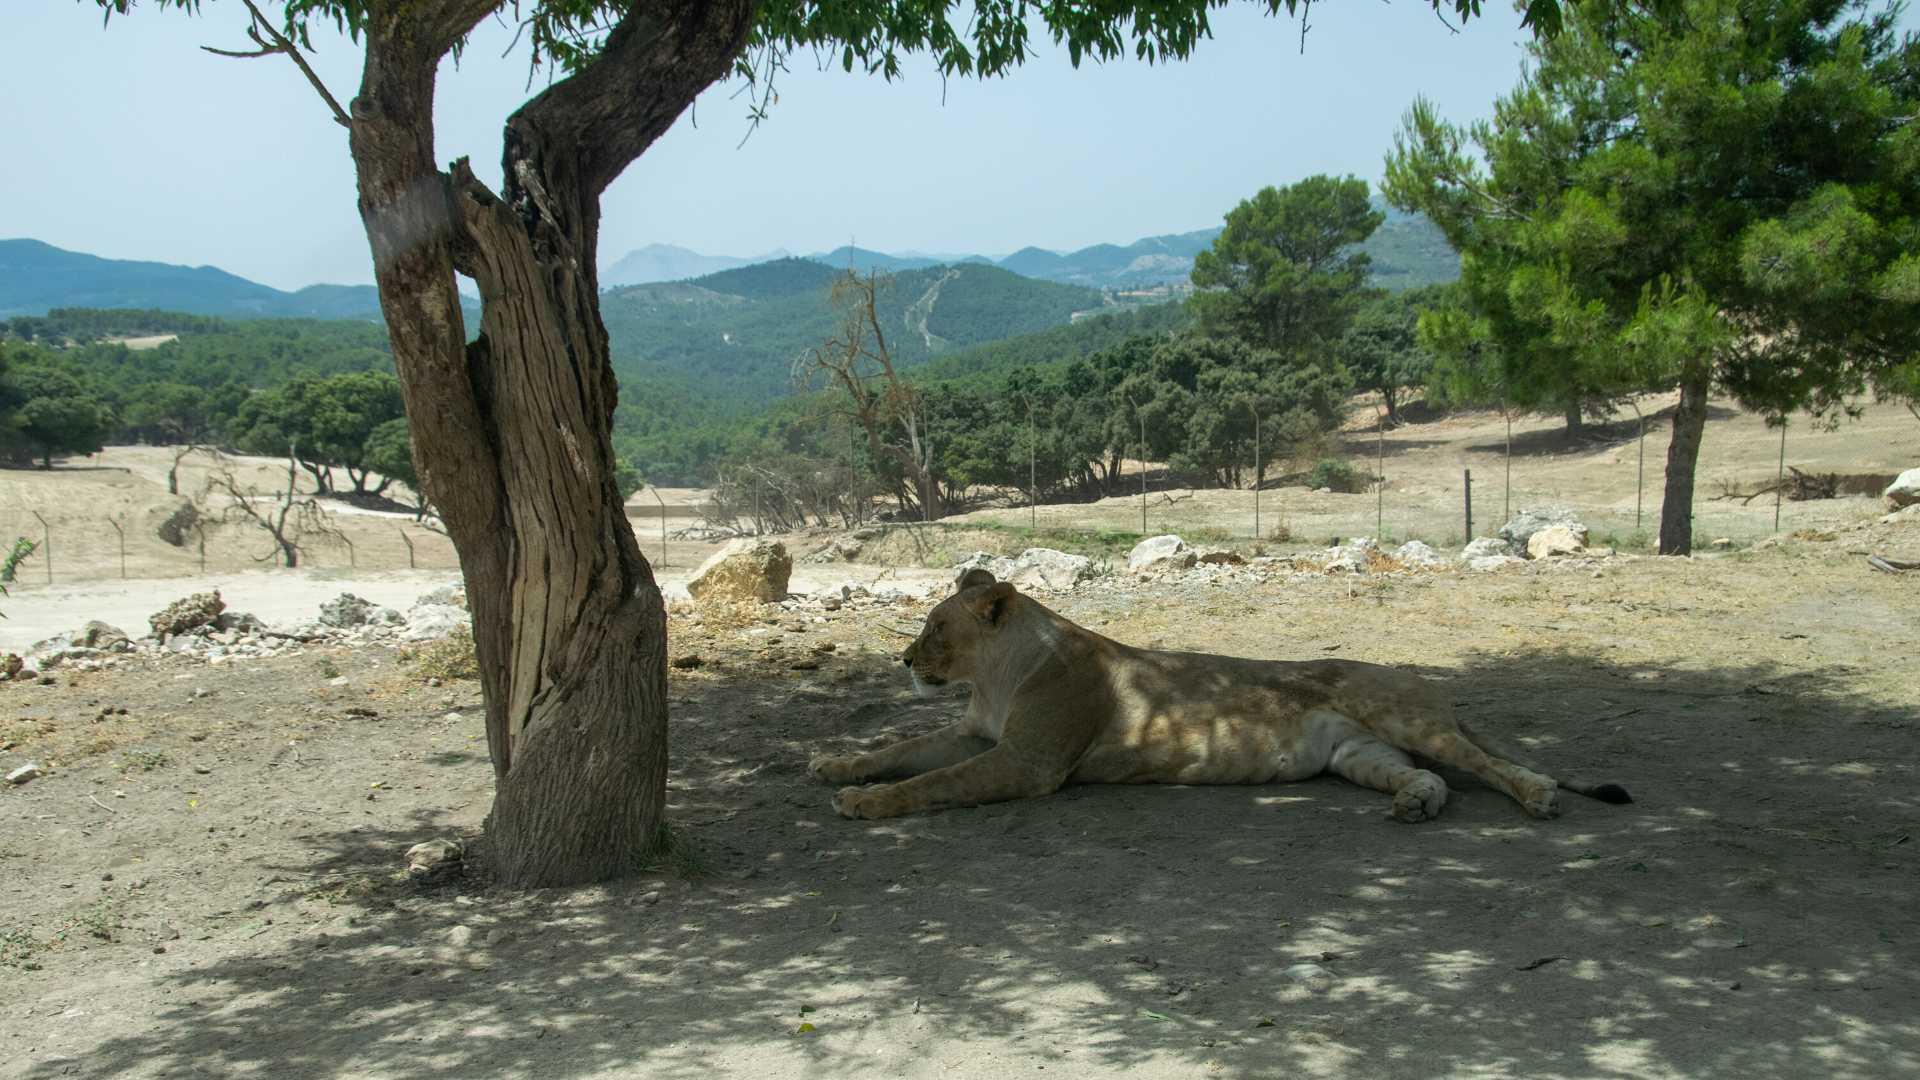 Safari Aitana